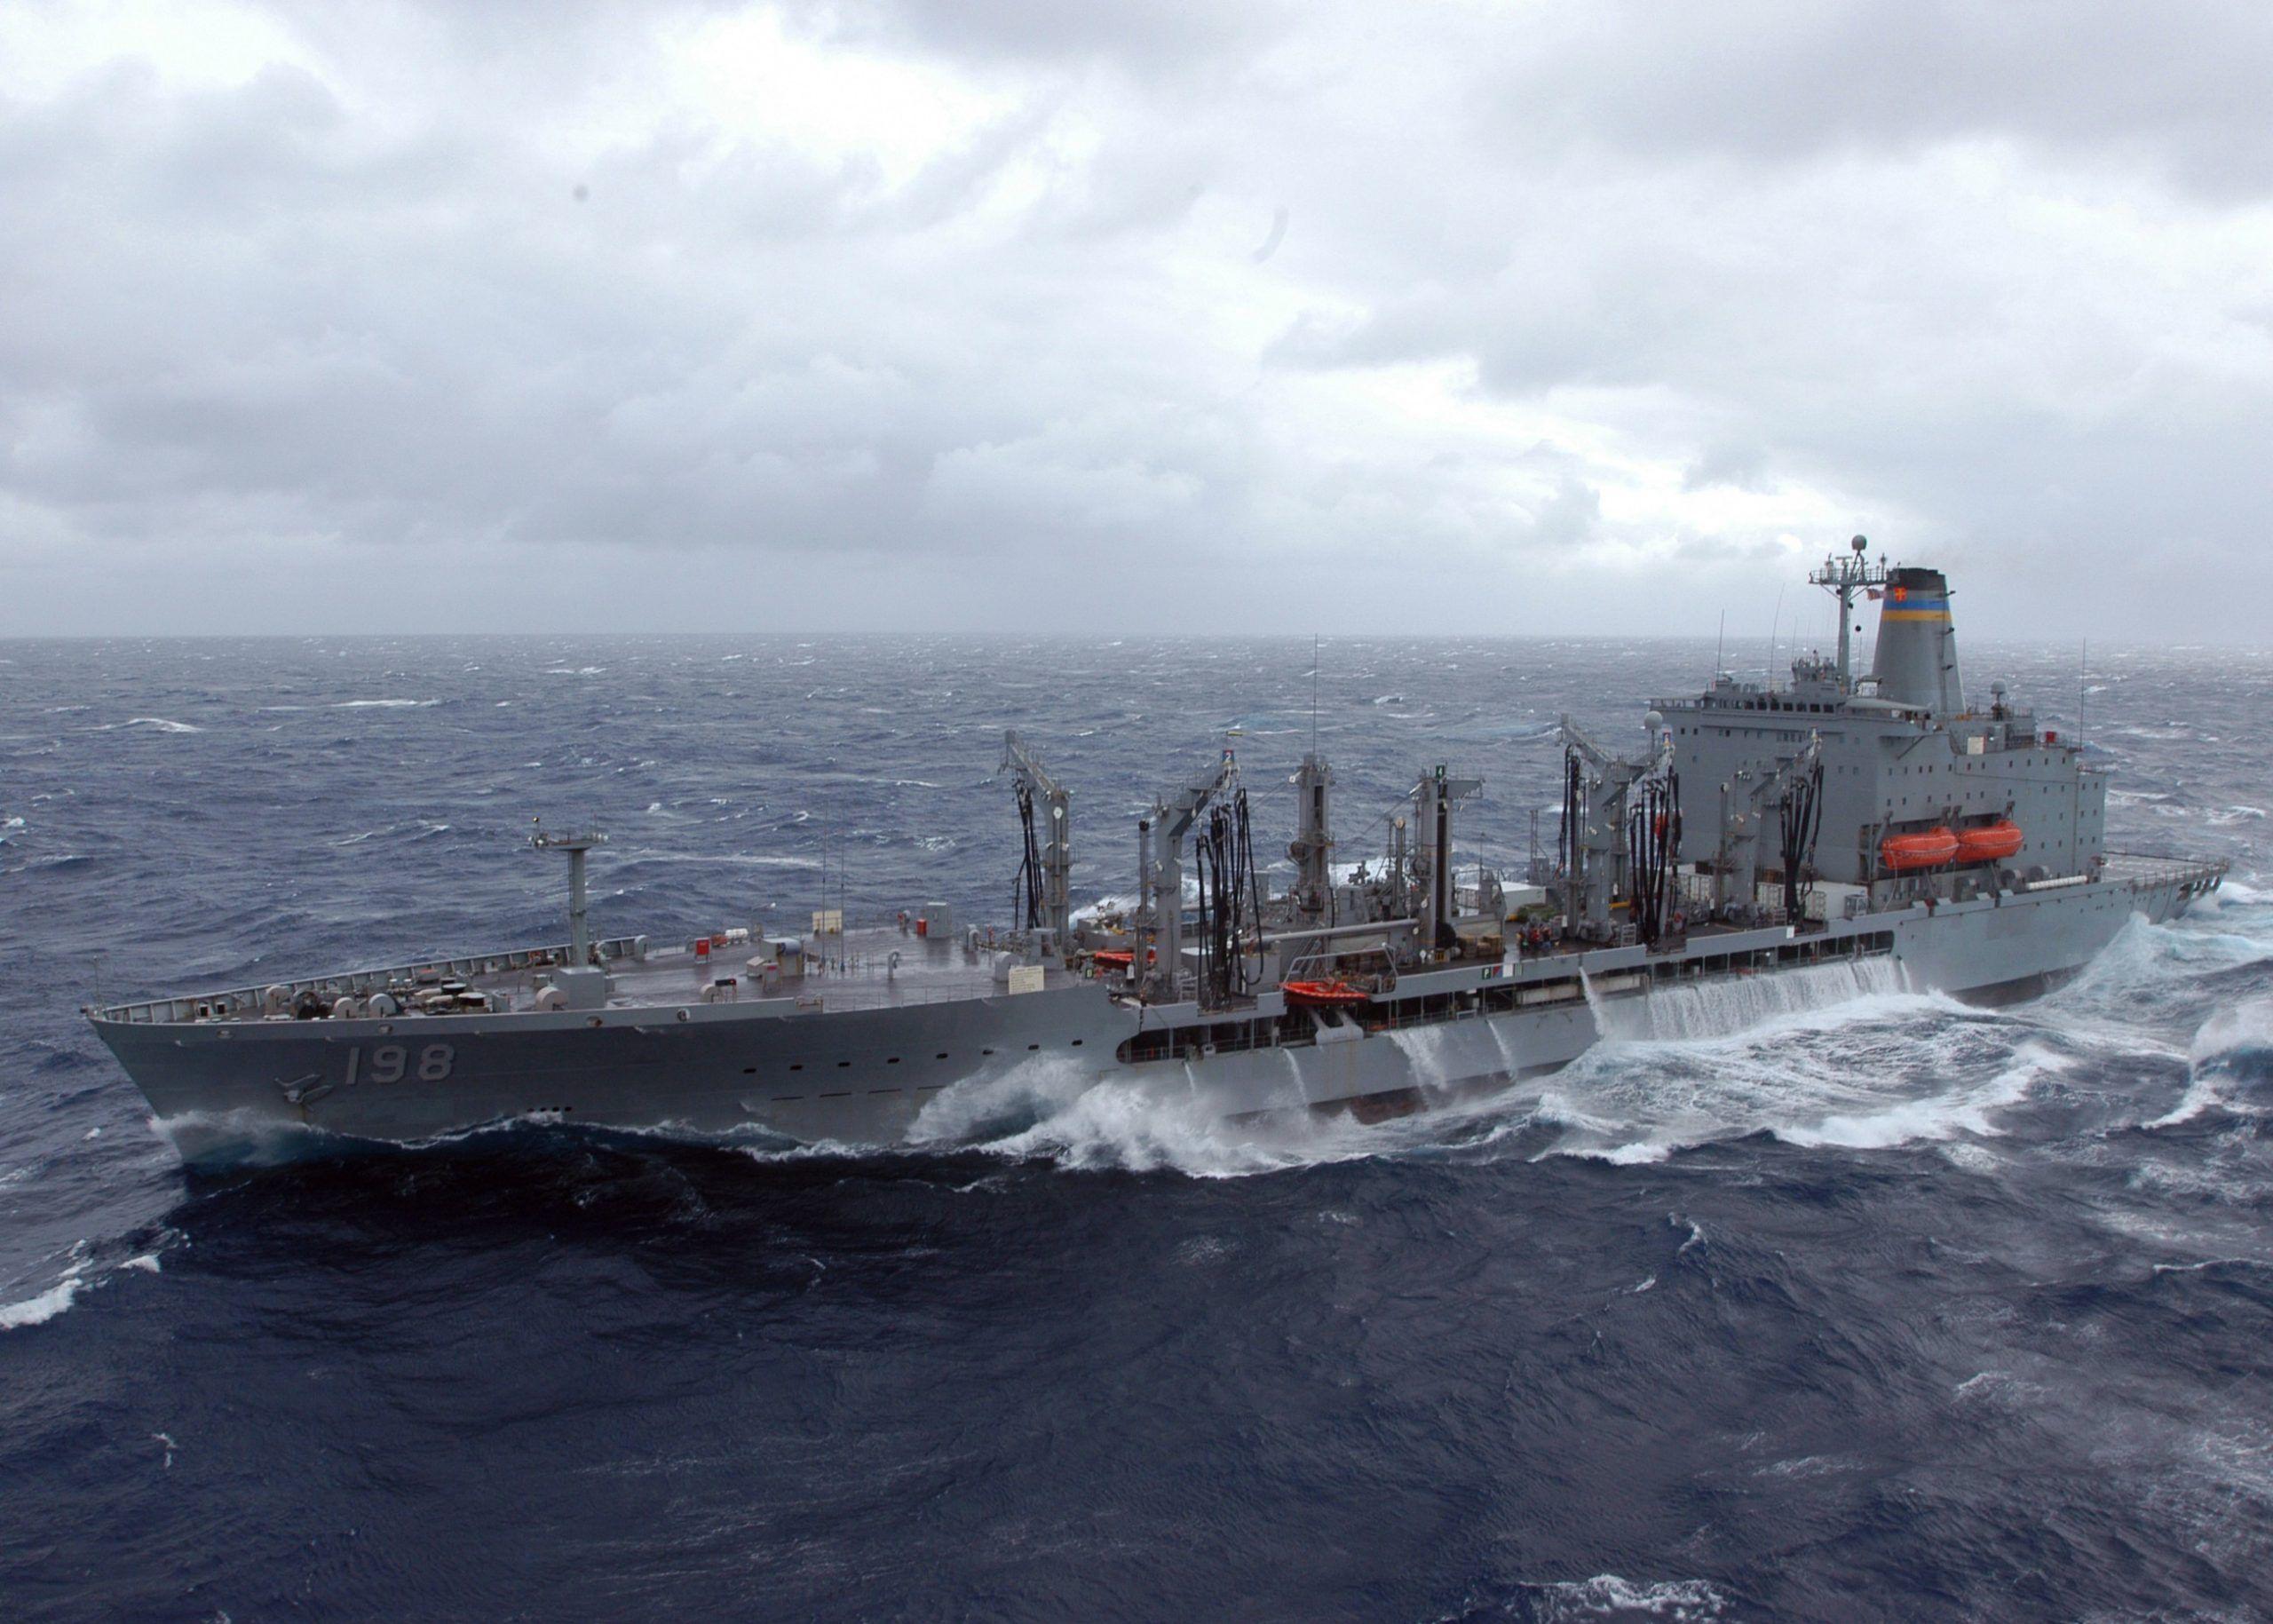 Un enorme barco de bandera japonesa desapareció en las últimas horas en alta mar, cuando solamente le faltaba muy poco para llegar a su destino, al interior de la embarcación se encontraban 43 personas y una carga de seis mil vacas. Minutos antes del incidente, la tripulación emitió un pedido de ayuda en medio de un tifón.